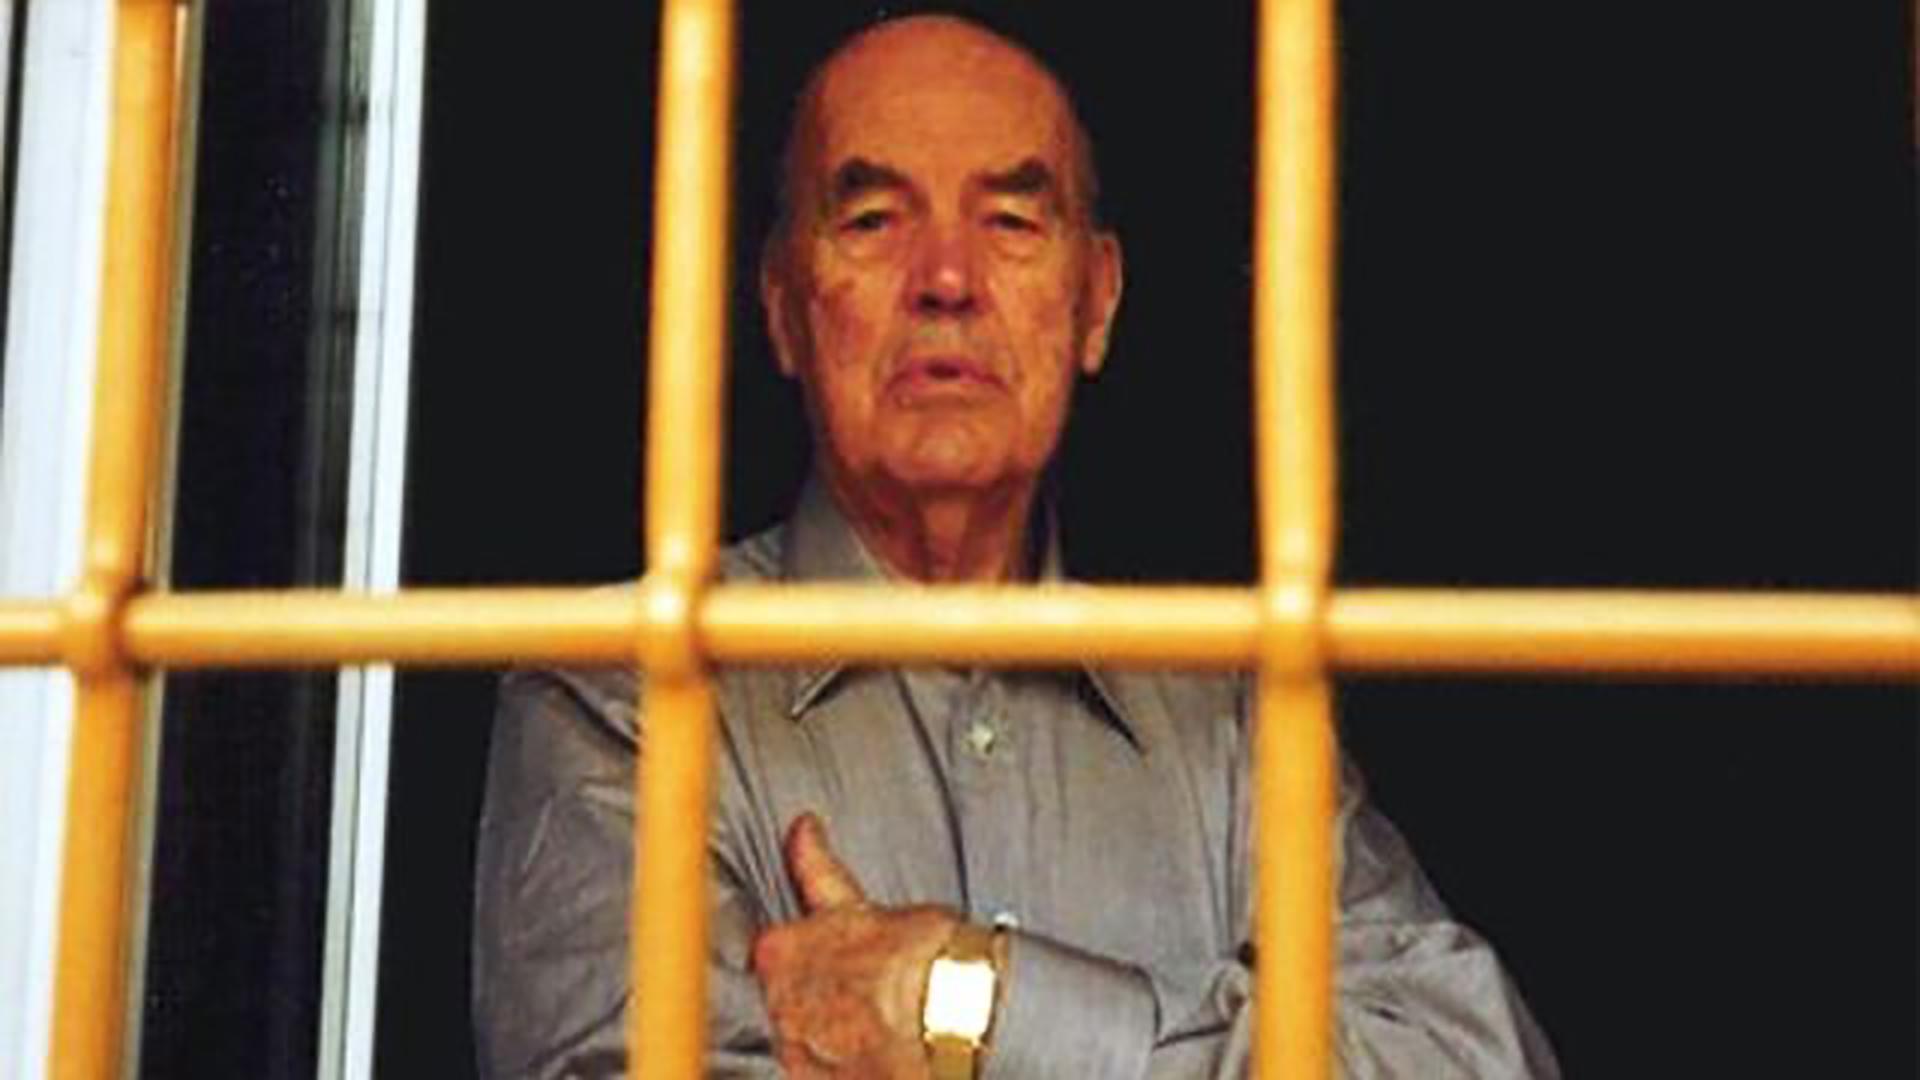 Erich Priebke, uno de los nazis responsables por la matanza de las Fosas Ardeatinas, vivió durante años en Bariloche